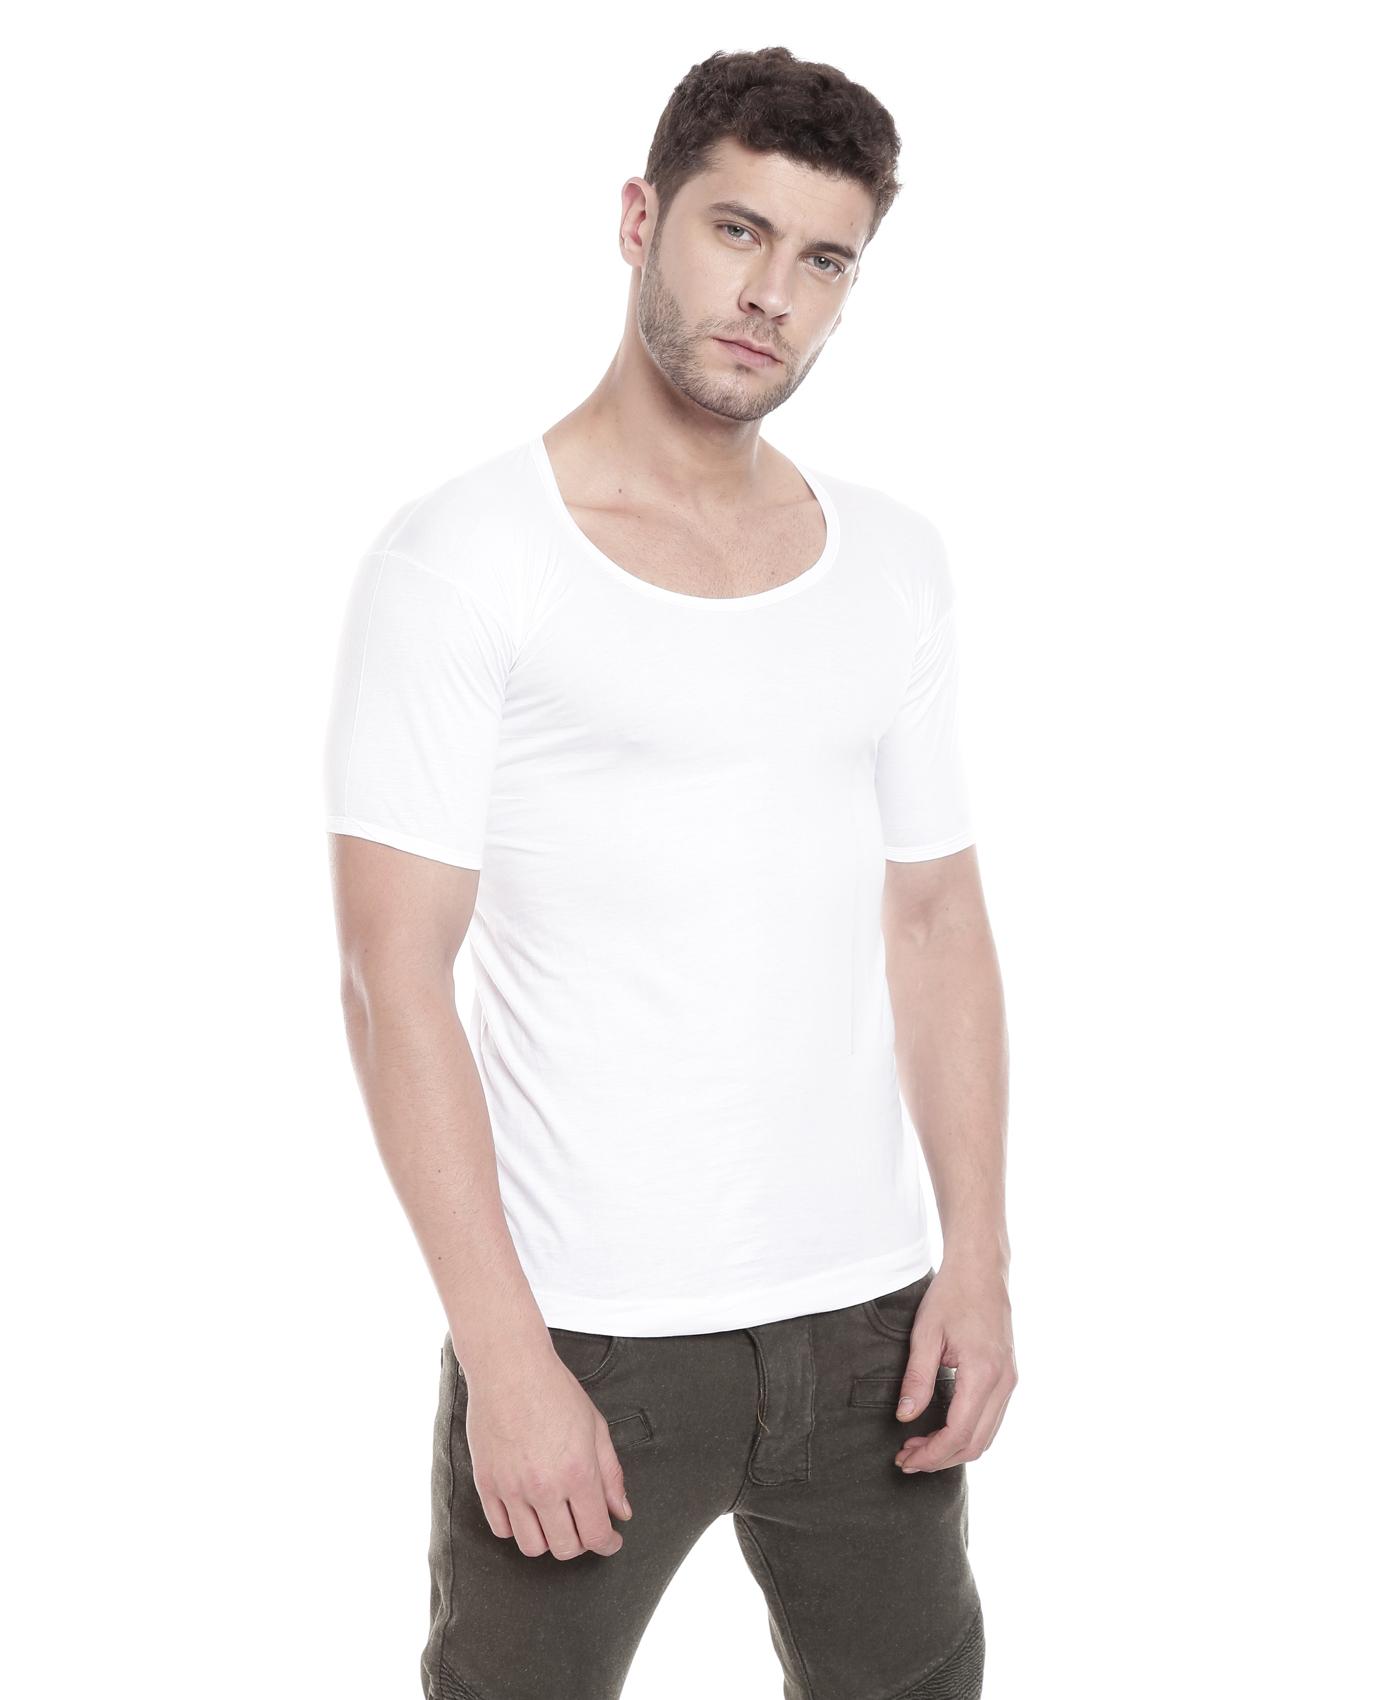 Johnson Premium Good Morning Men's White Color Half Sleeves Vest (Pack Of 3)